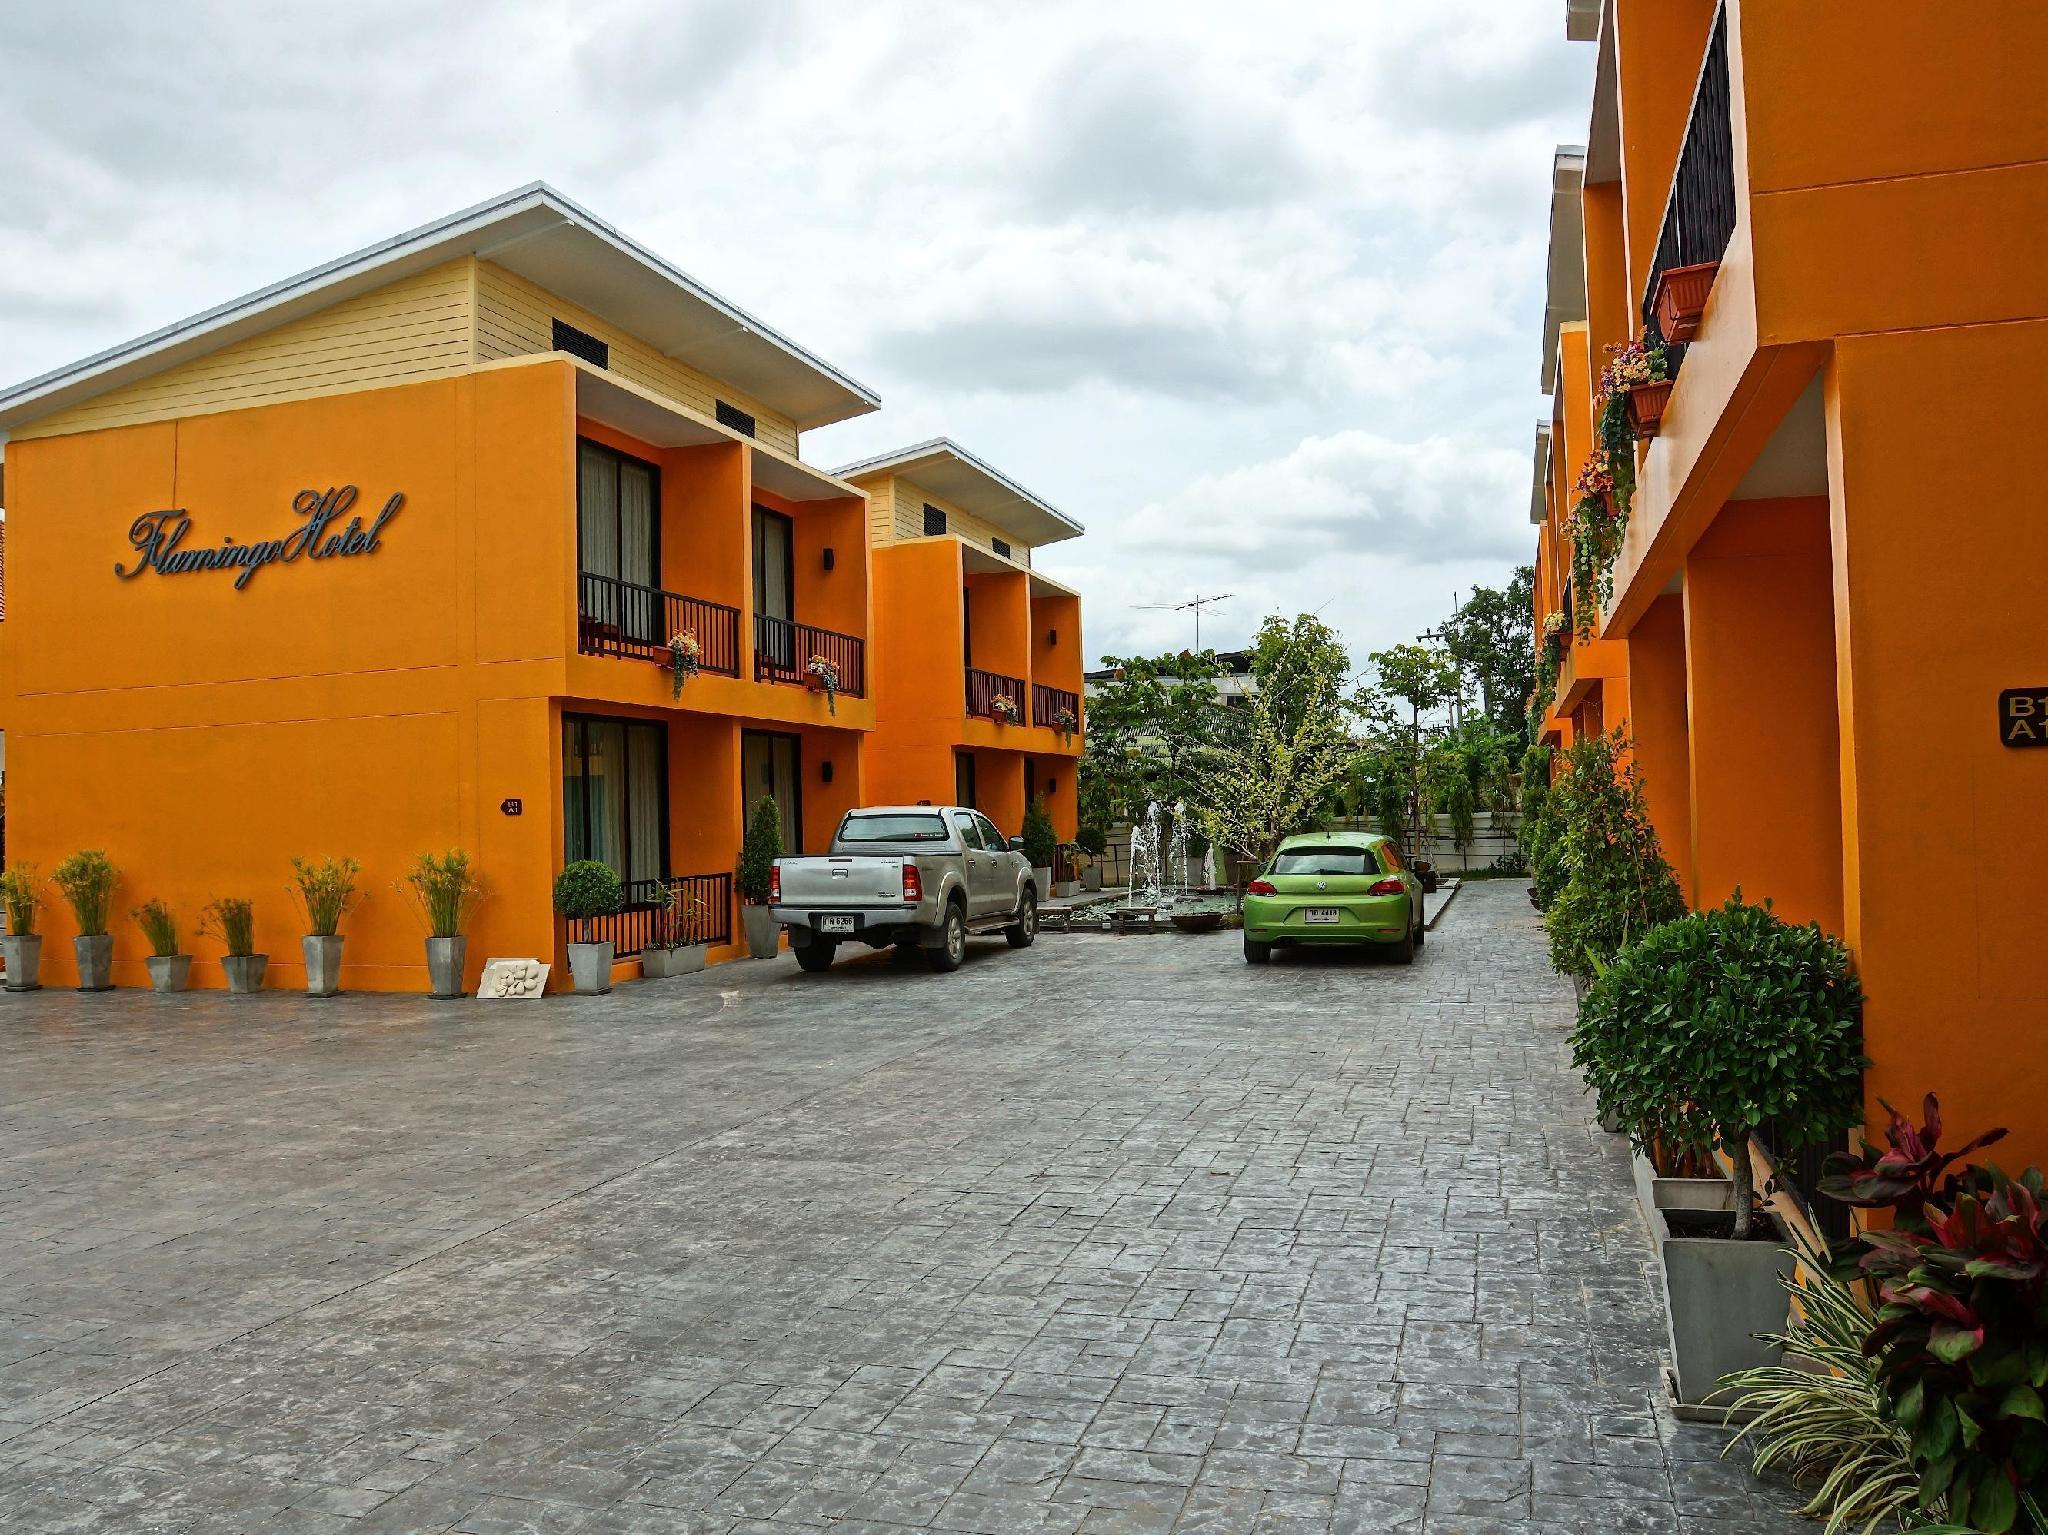 Hotell Flamingo Hotel i , Khao Yai / Nakhonratchasima. Klicka för att läsa mer och skicka bokningsförfrågan